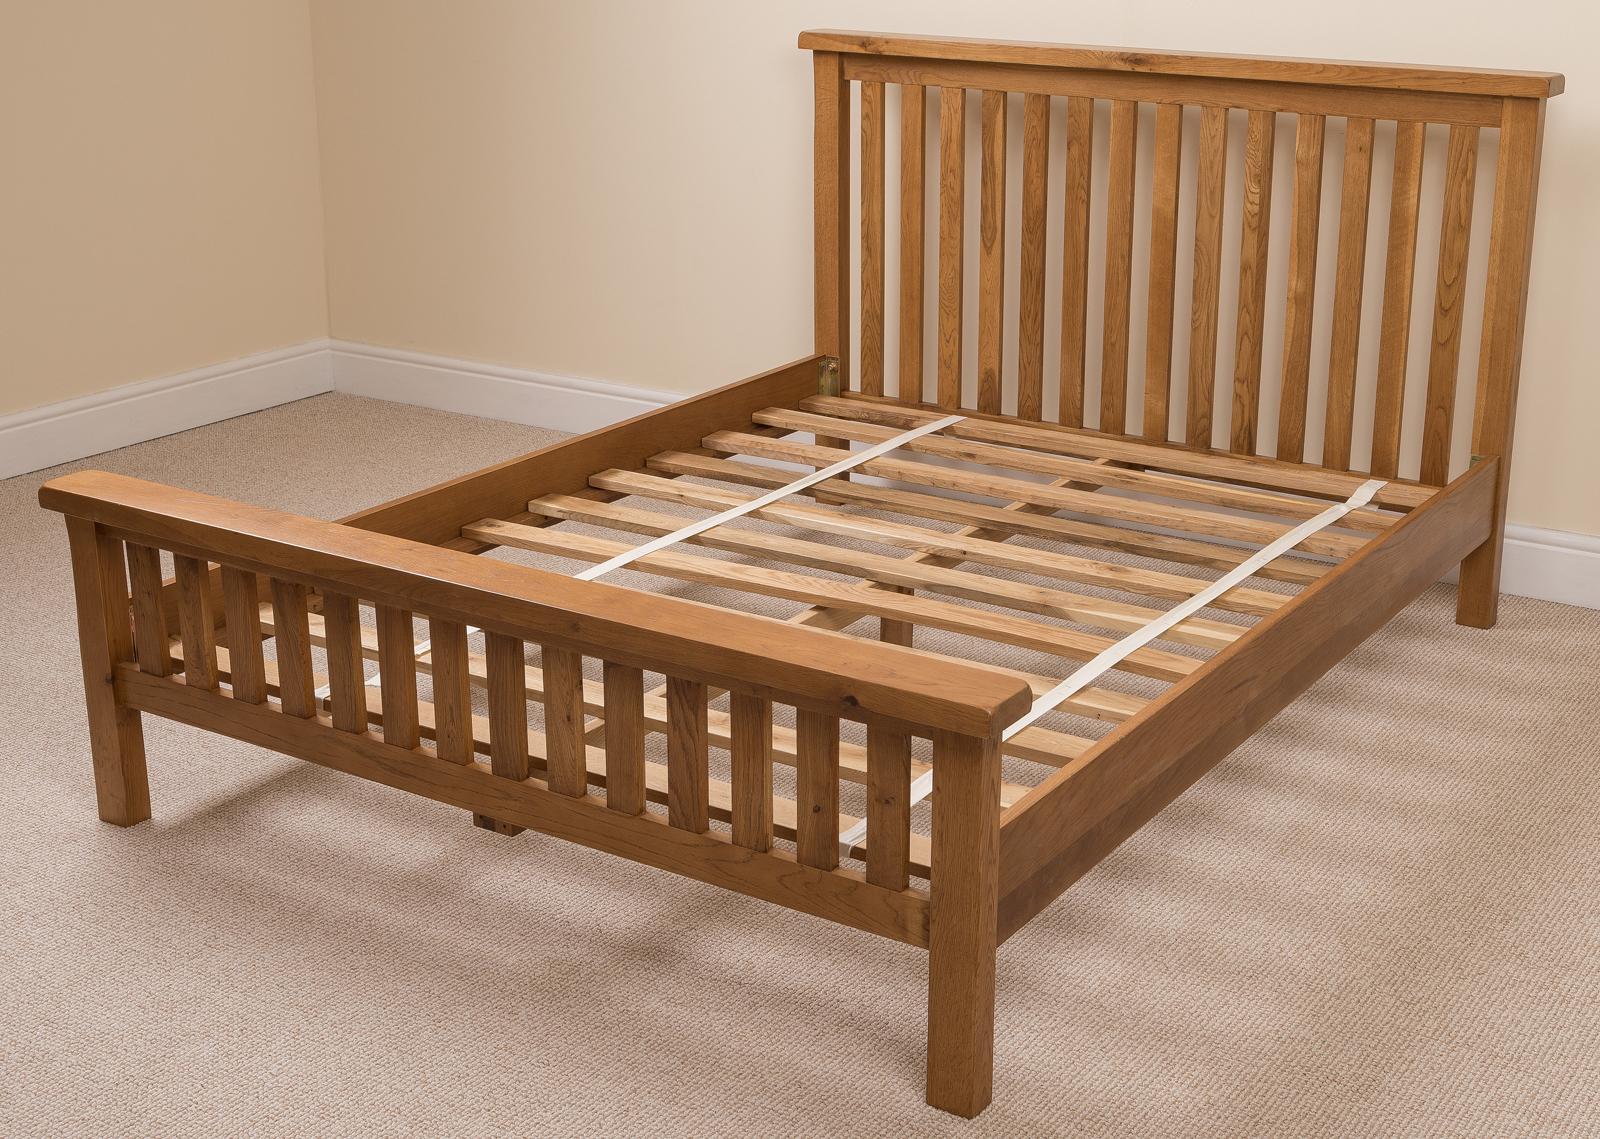 COTSWOLD RUSTIC SOLID OAK 5FT KINGSIZE BED FRAME BEDROOM FURNITURE EBay